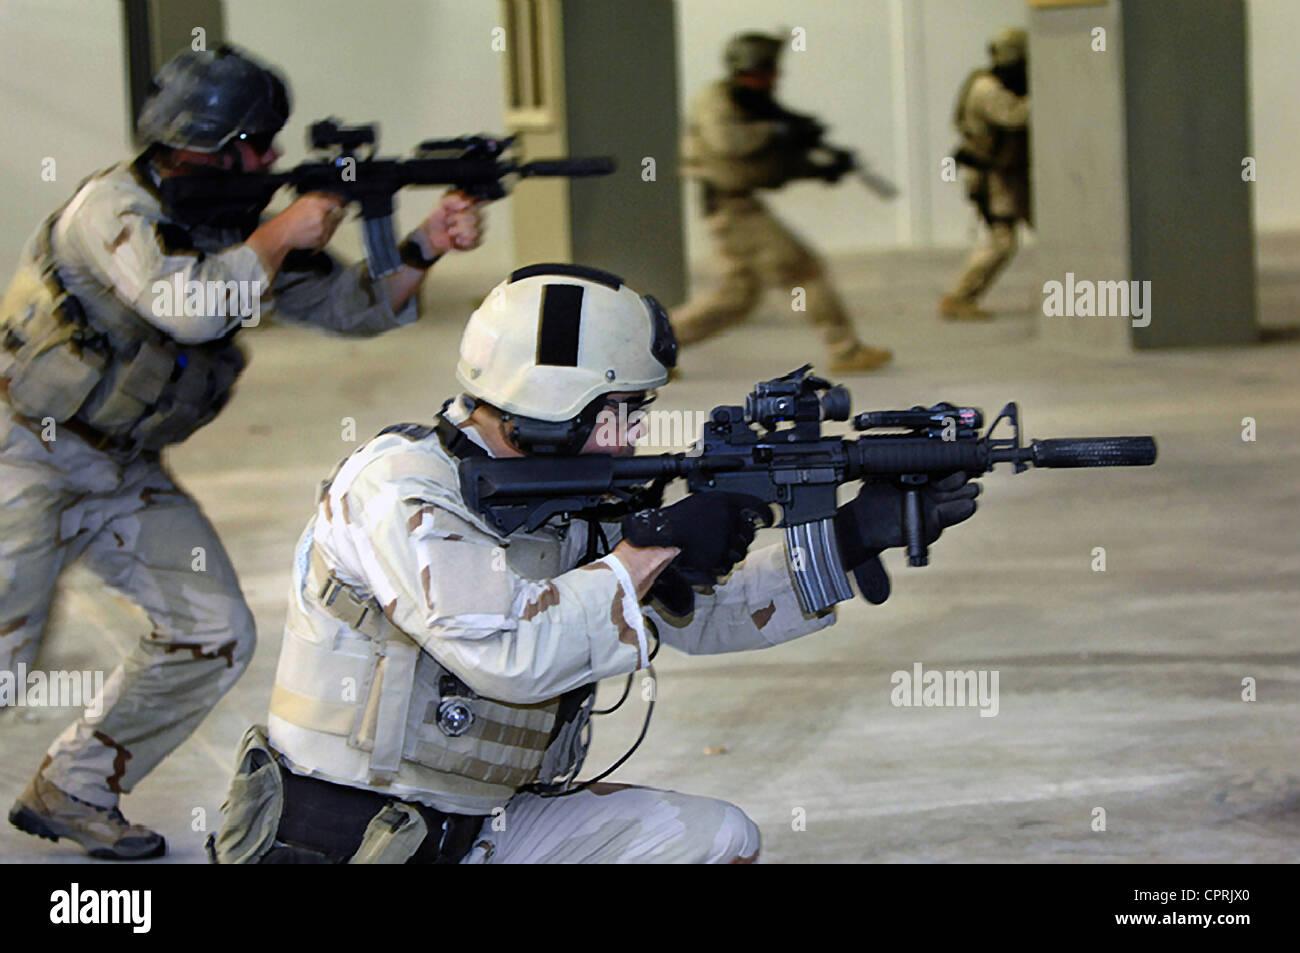 US Navy SEALs conduite pratique participer à un entraînement de combat tactique Photo Stock